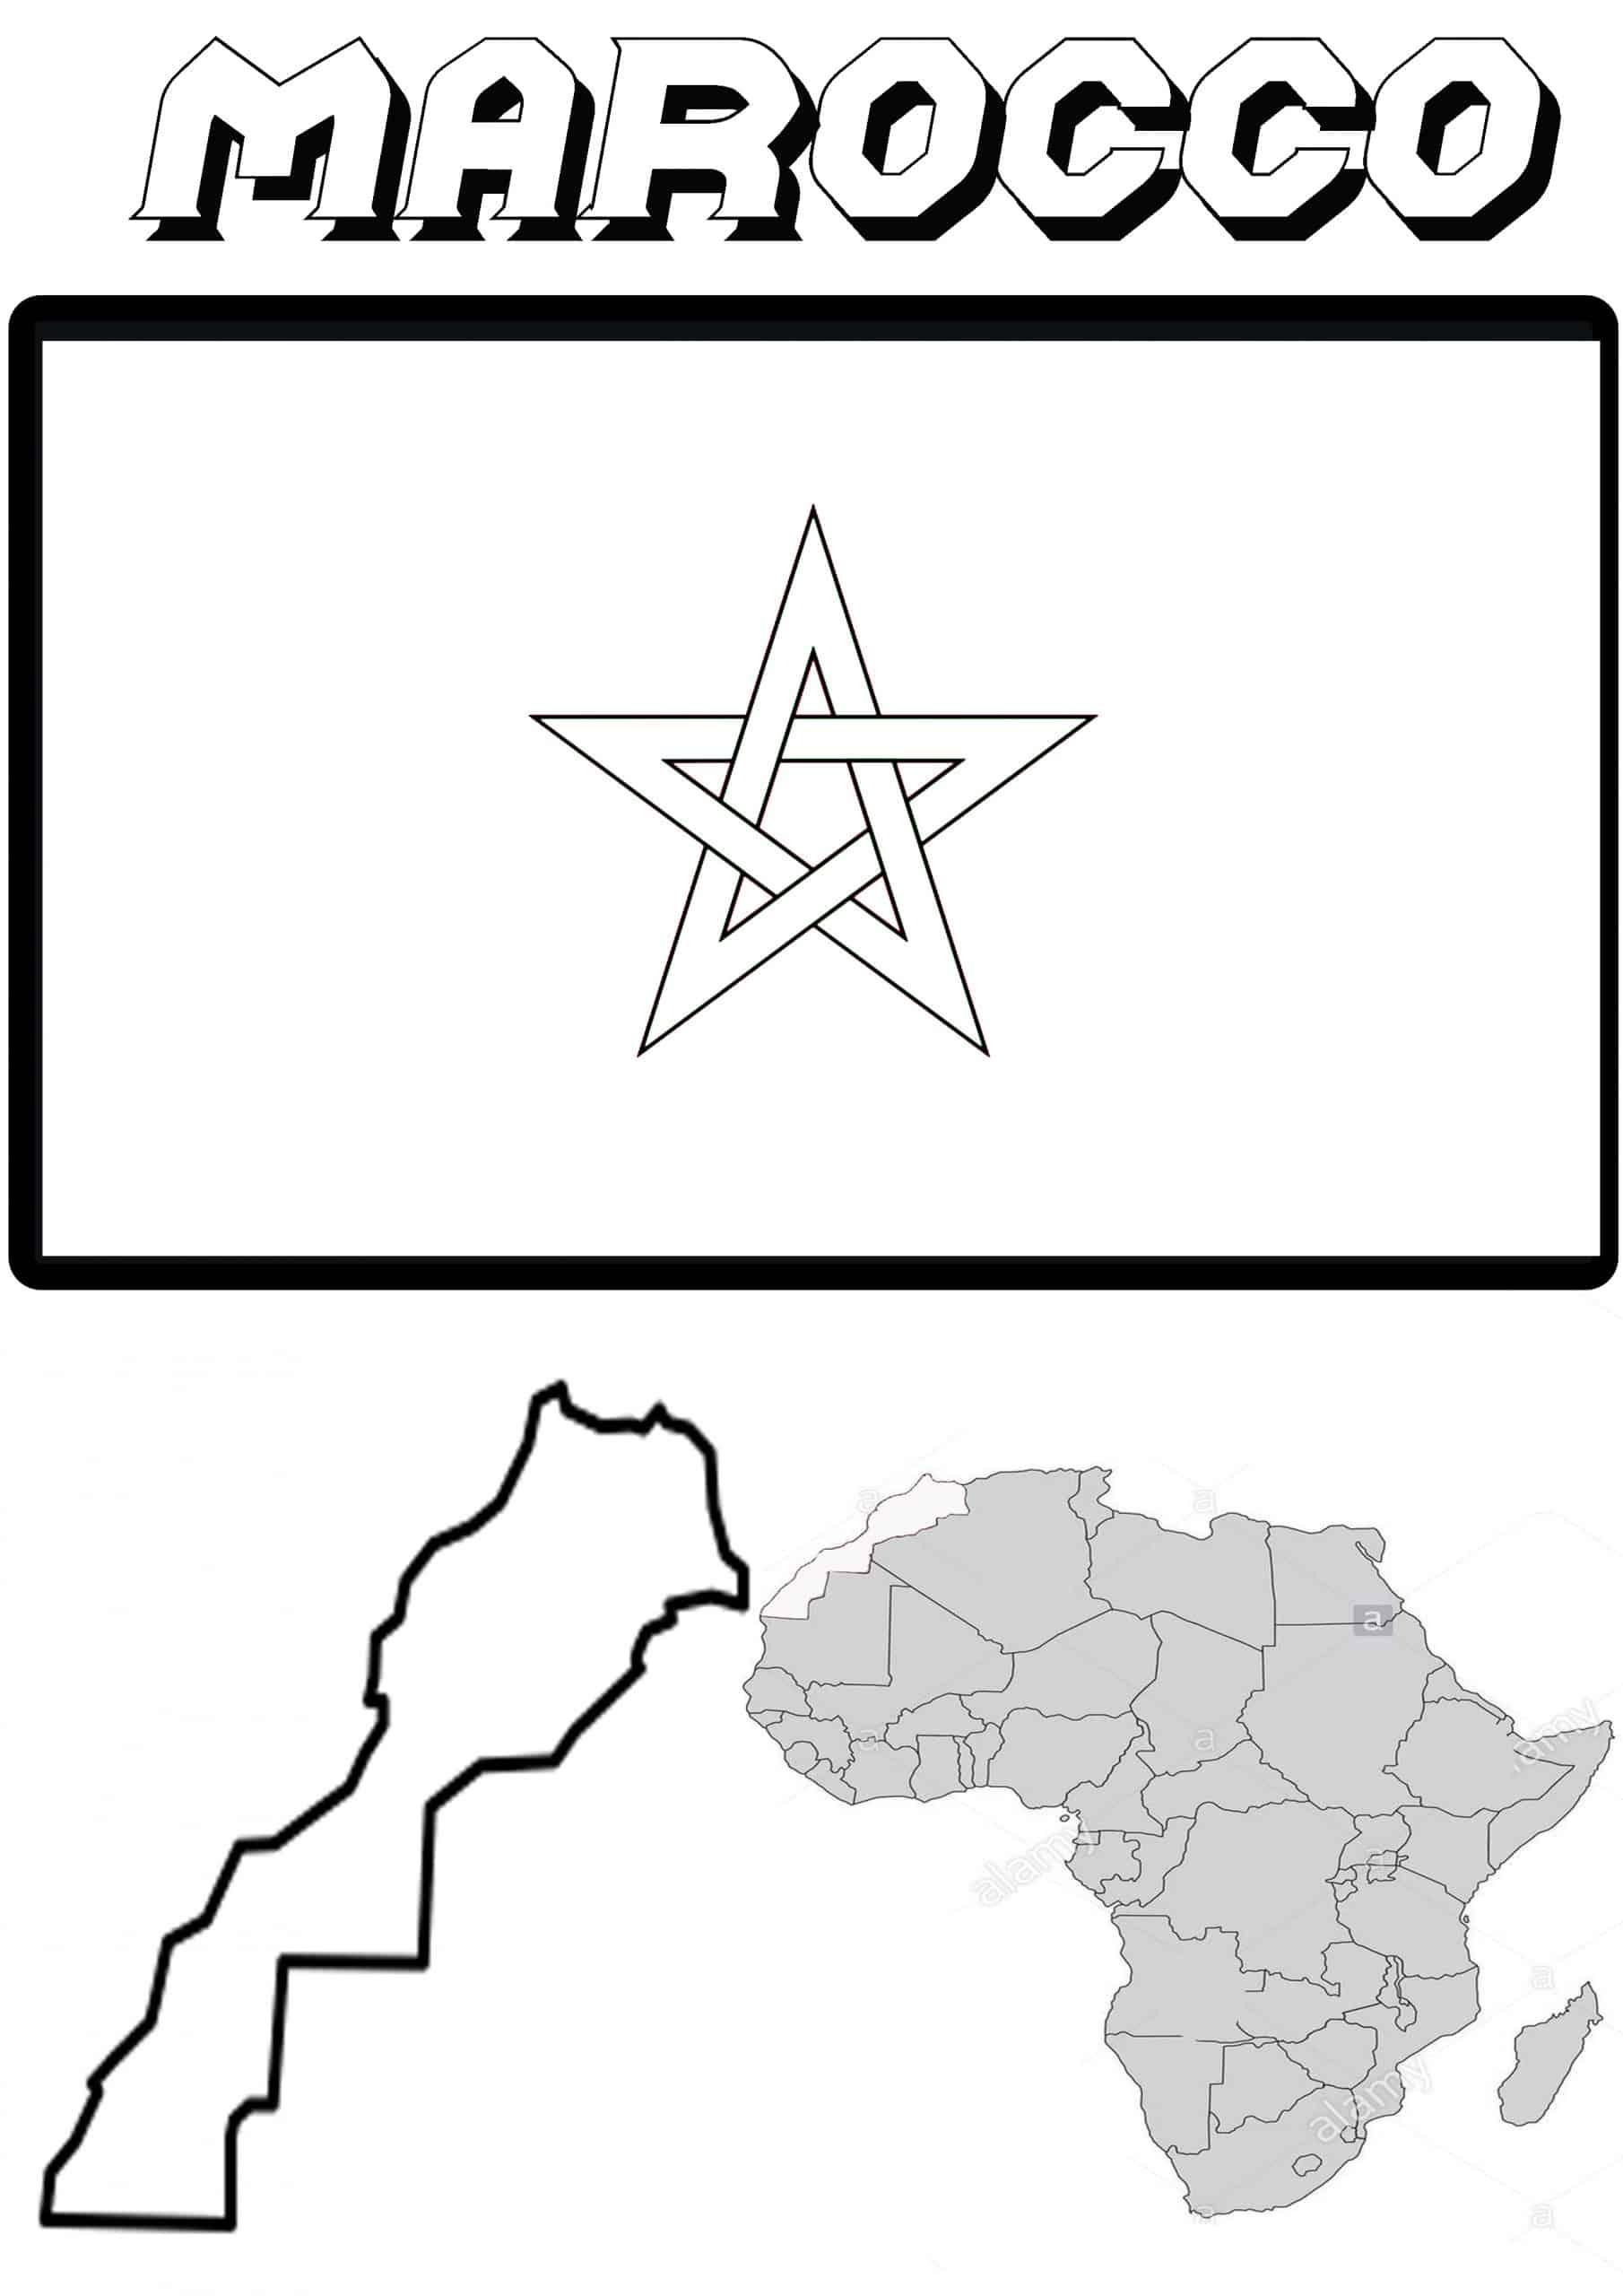 Cartina Marocco Da Colorare.Bandiera E Cartina Del Marocco Da Colorare